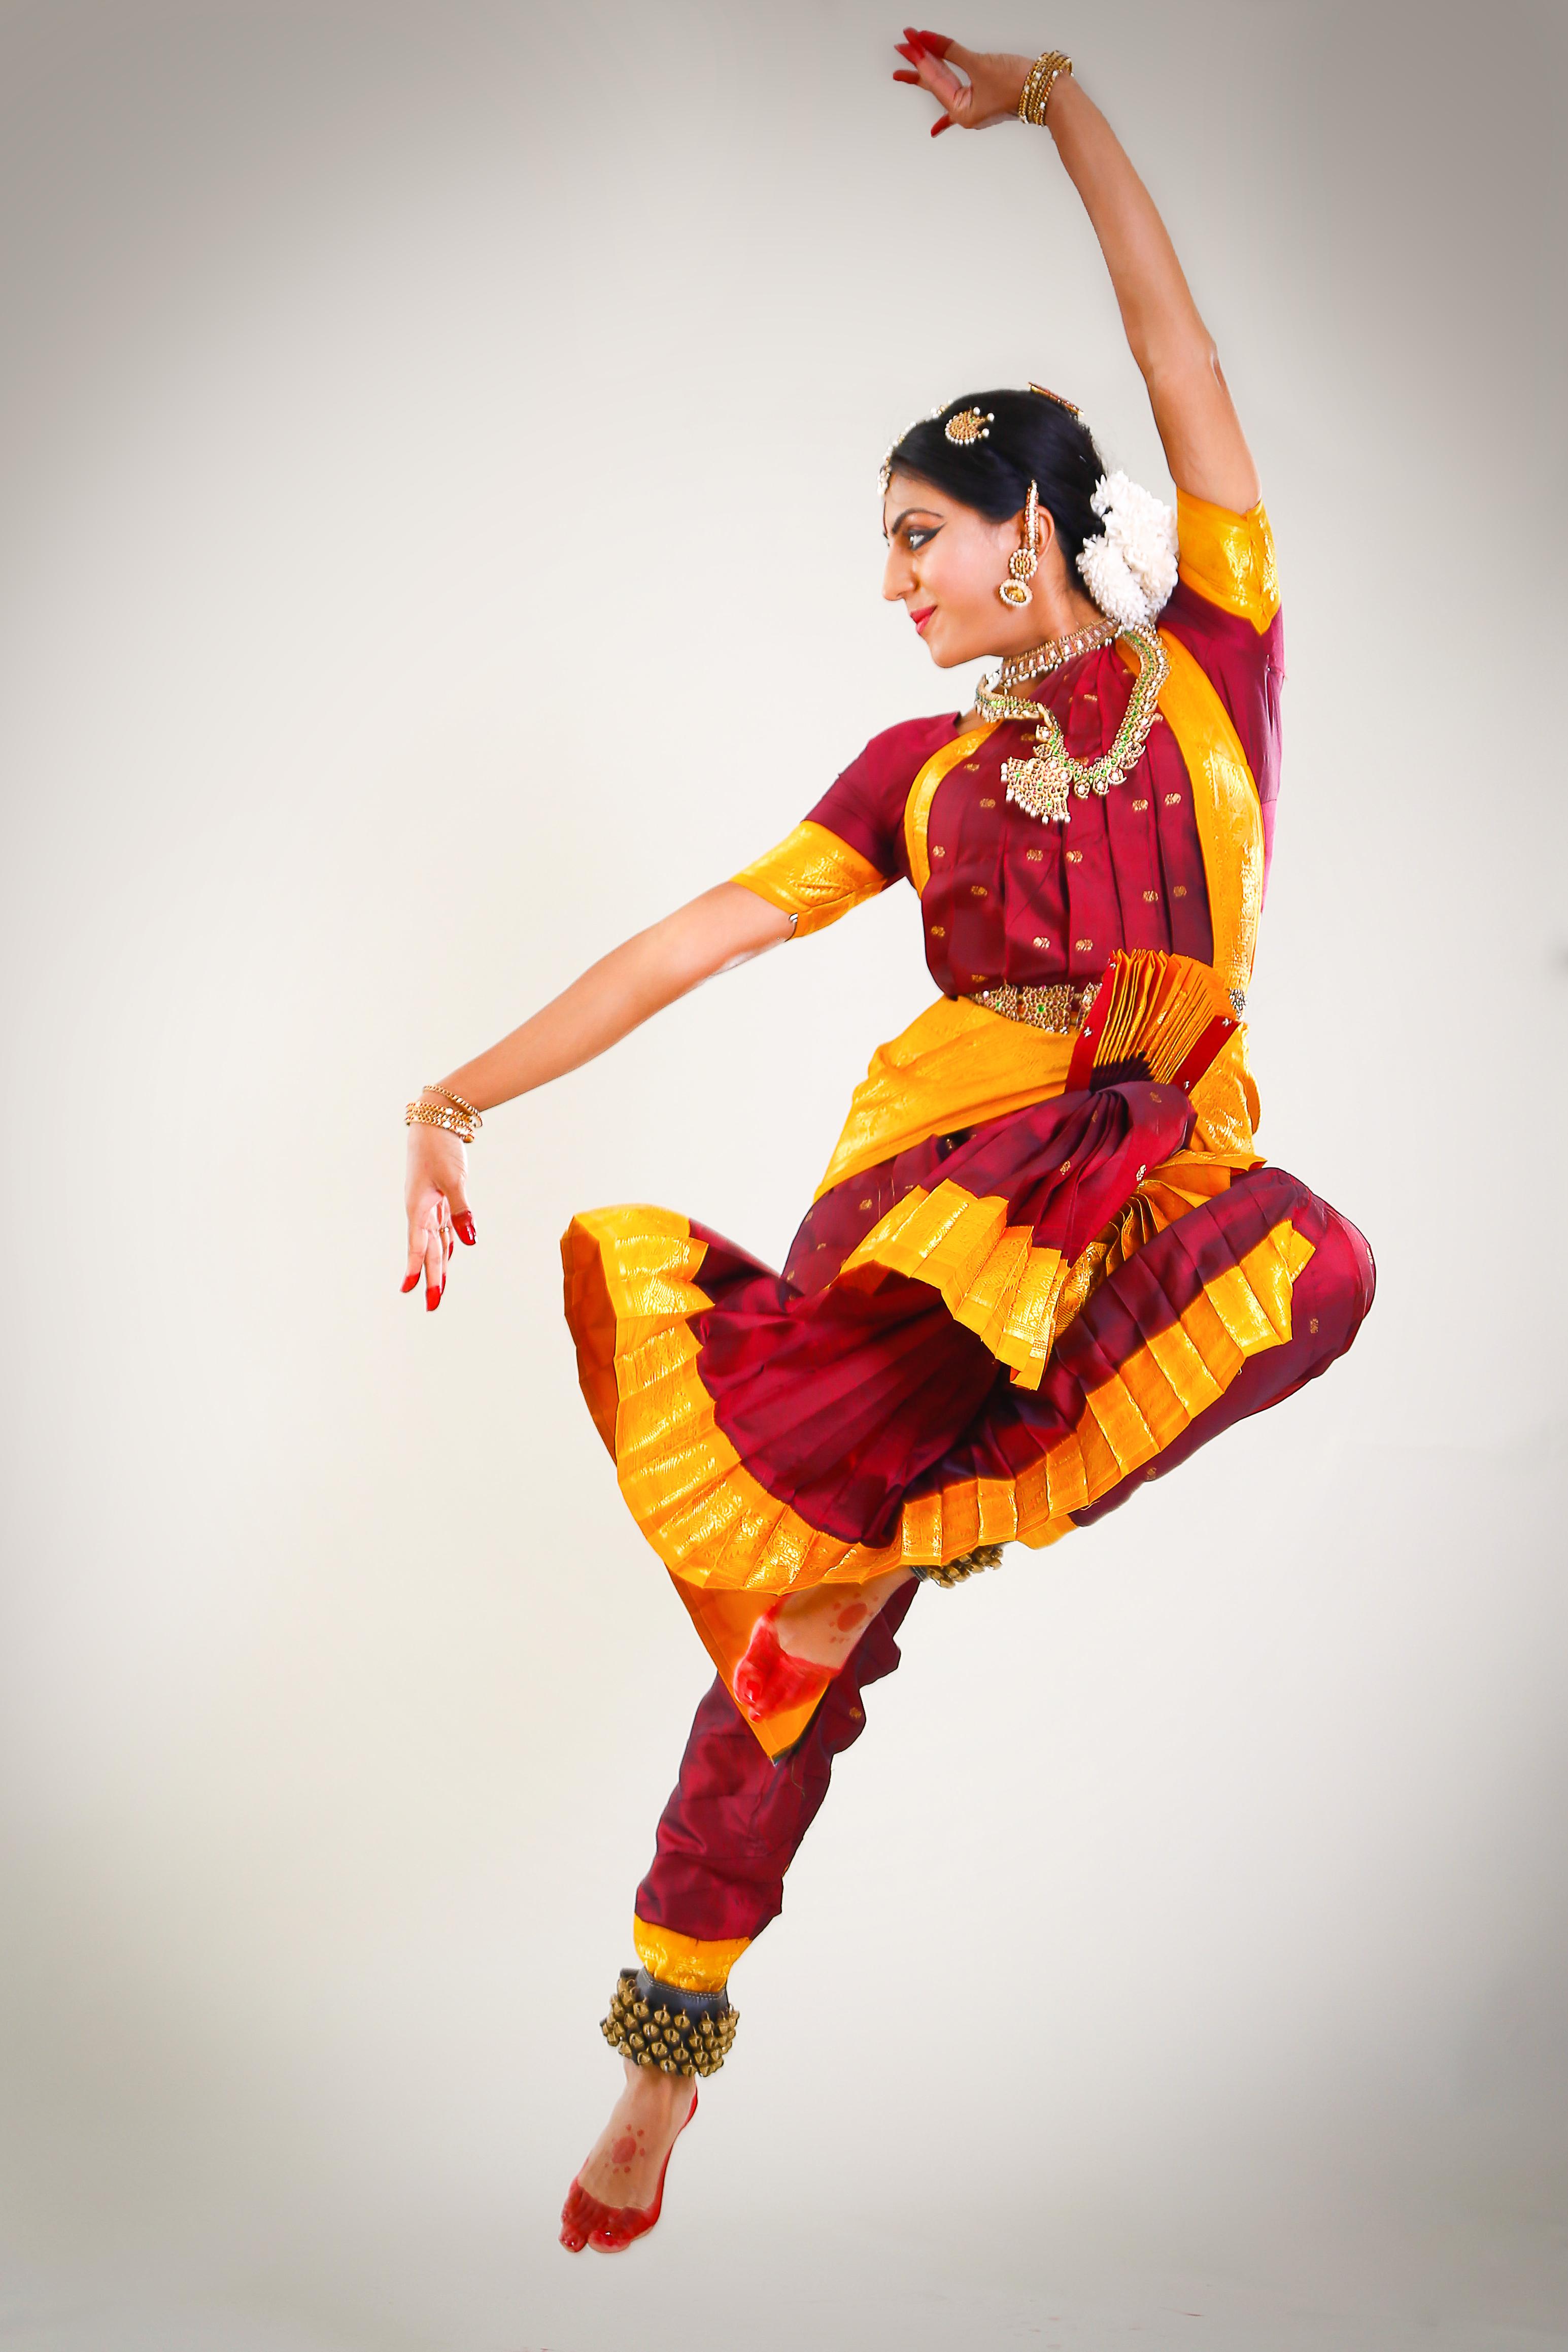 Srinidhi Raghavan